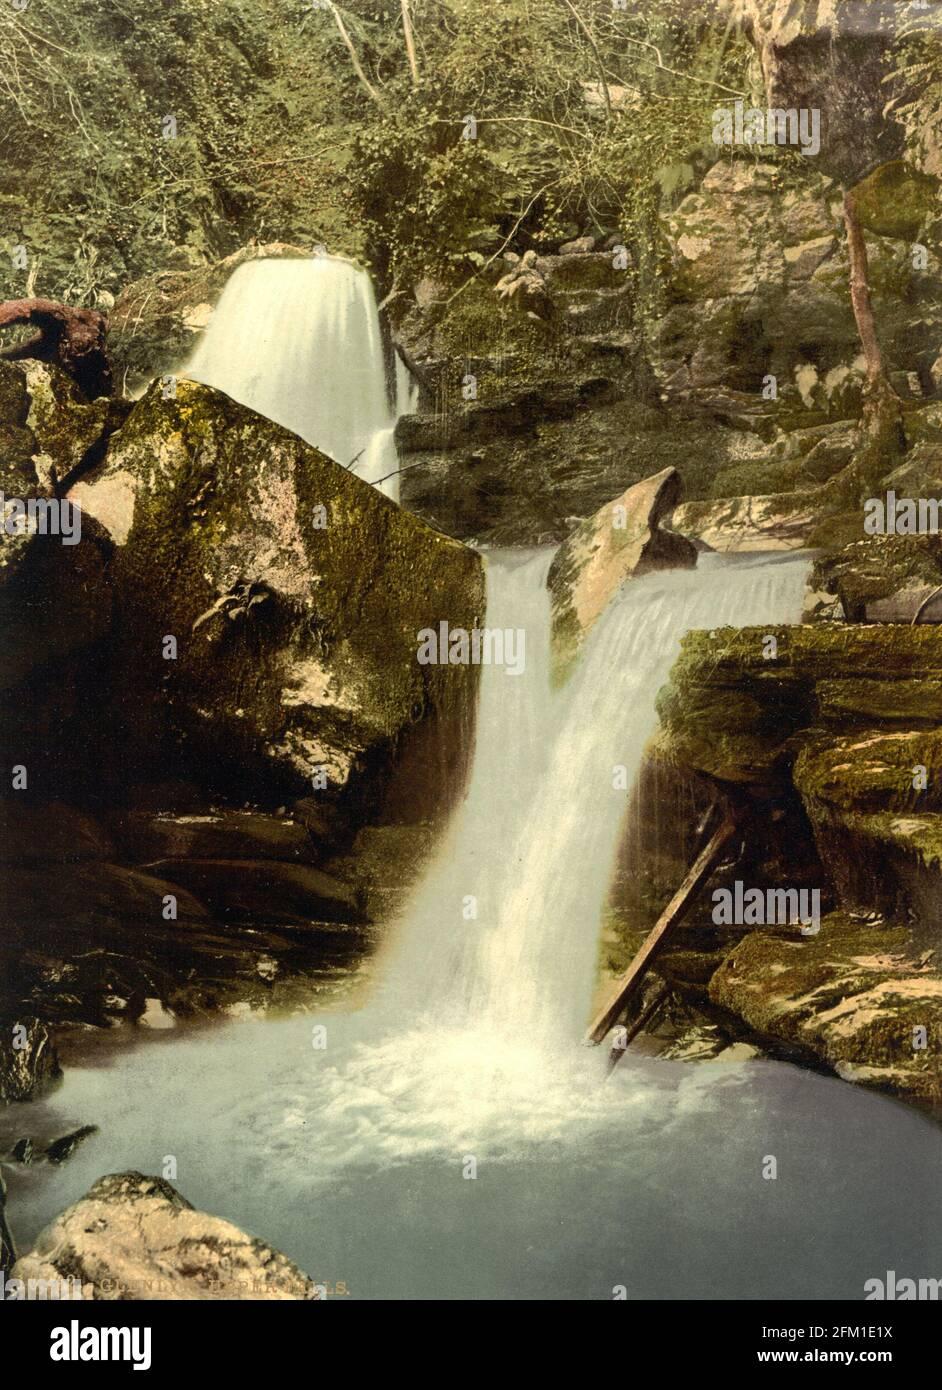 Die Upper Falls of Glen Lyn Gorge in der Nähe von Lynmouth in Devin um 1890-1900 Stockfoto